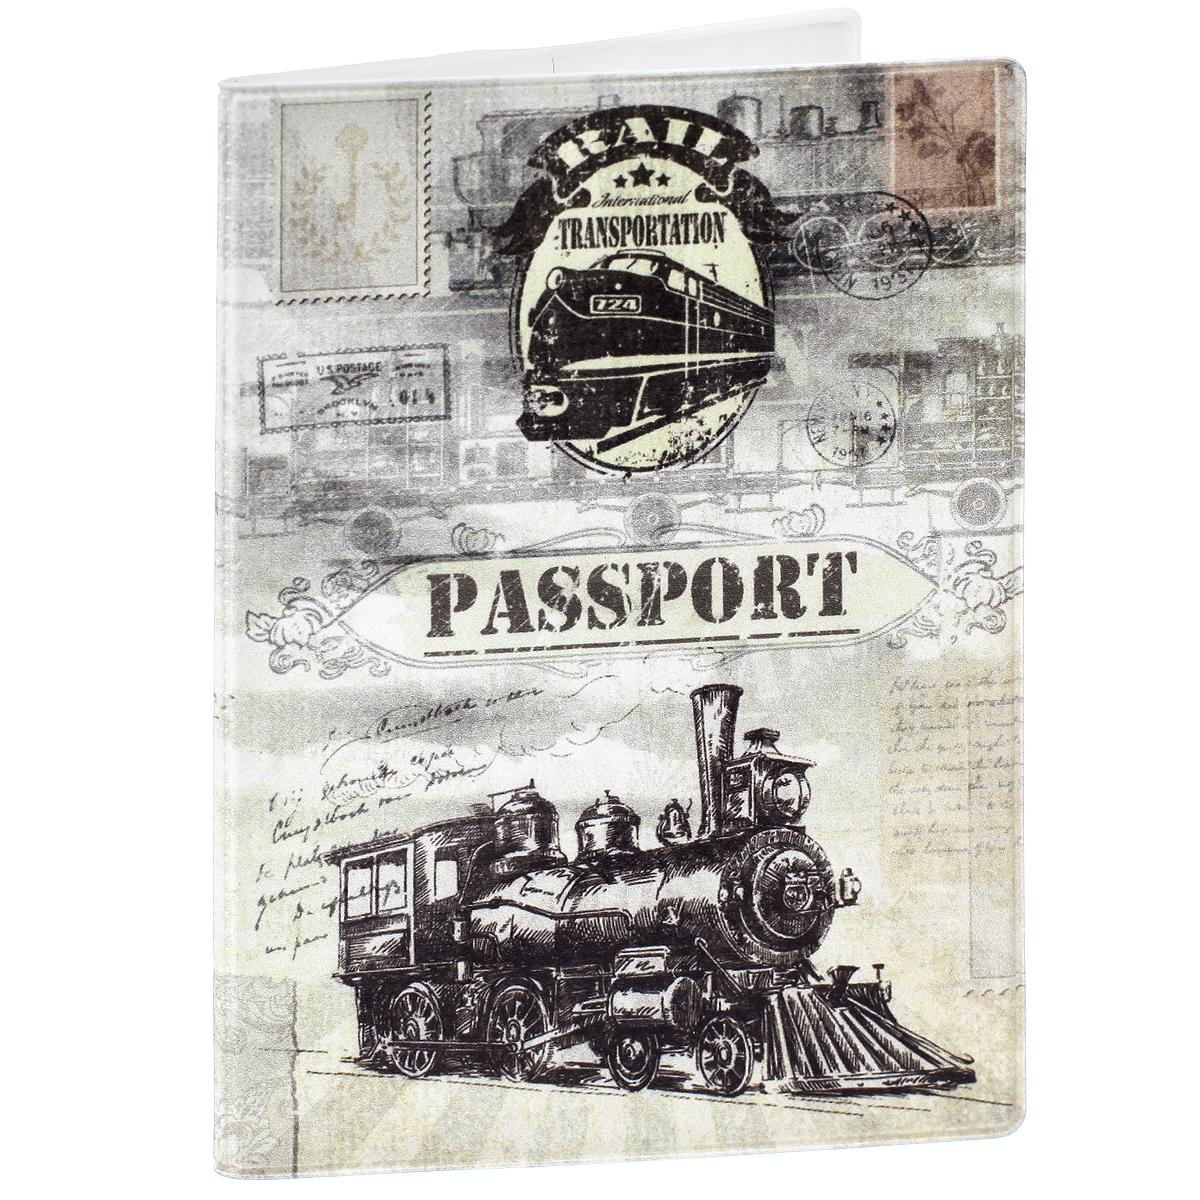 Обложка для паспорта Паровоз, цвет: серый. 2906029060Обложка для паспорта Паровоз не только поможет сохранить внешний вид ваших документов и защитить их от повреждений, но и станет стильным аксессуаром, идеально подходящим вашему образу. Обложка выполнена из поливинилхлорида и оформлена оригинальным изображением паровоза. Внутри имеет два вертикальных кармана из прозрачного пластика. Такая обложка поможет вам подчеркнуть свою индивидуальность и неповторимость!